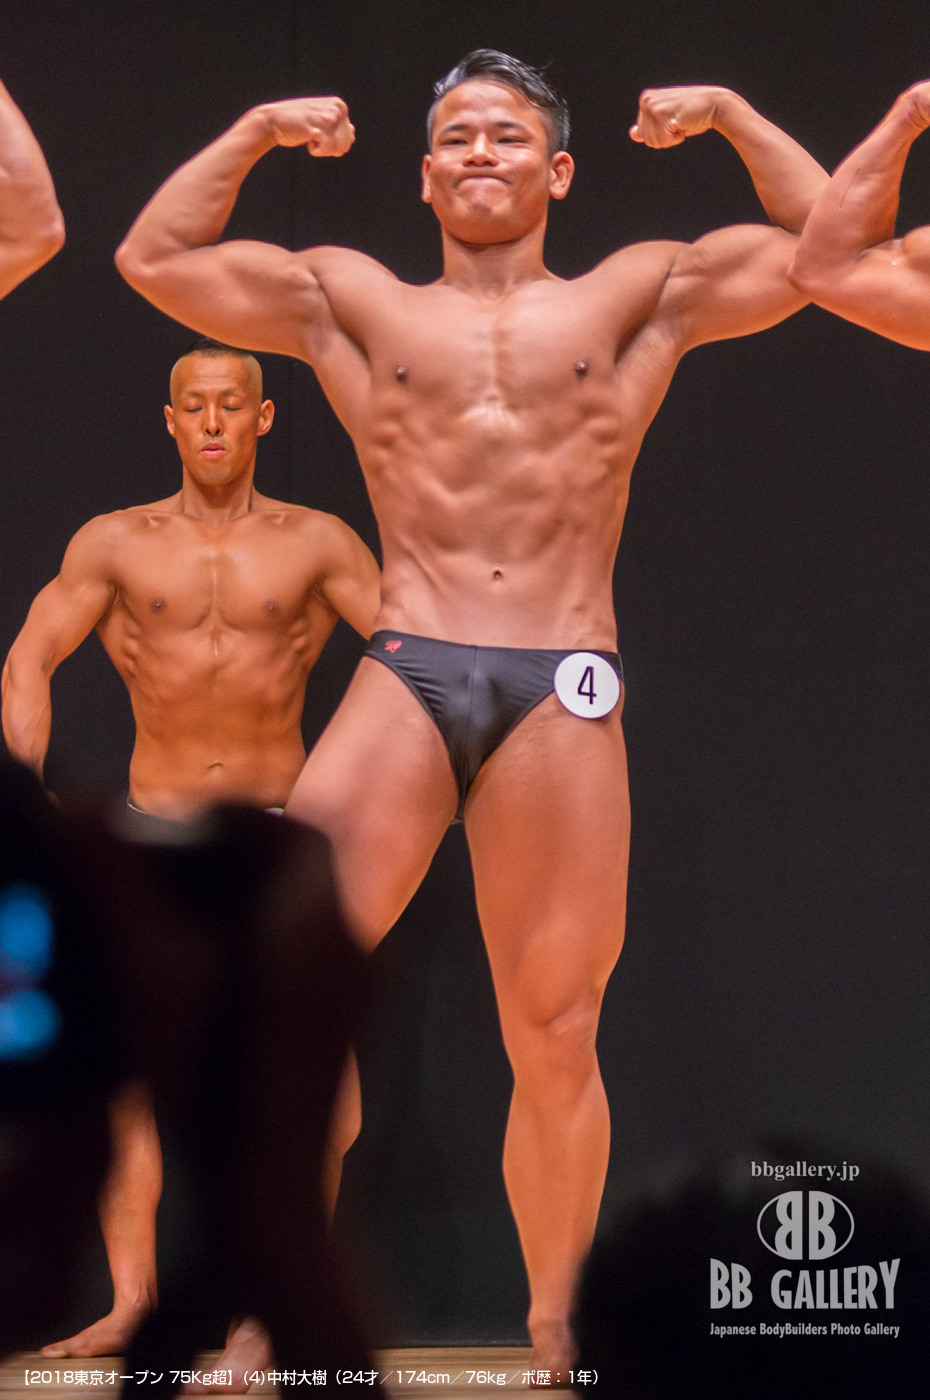 【2018東京オープン 75Kg超】(4)中村大樹(24才/174cm/76kg/ボ歴:1年)